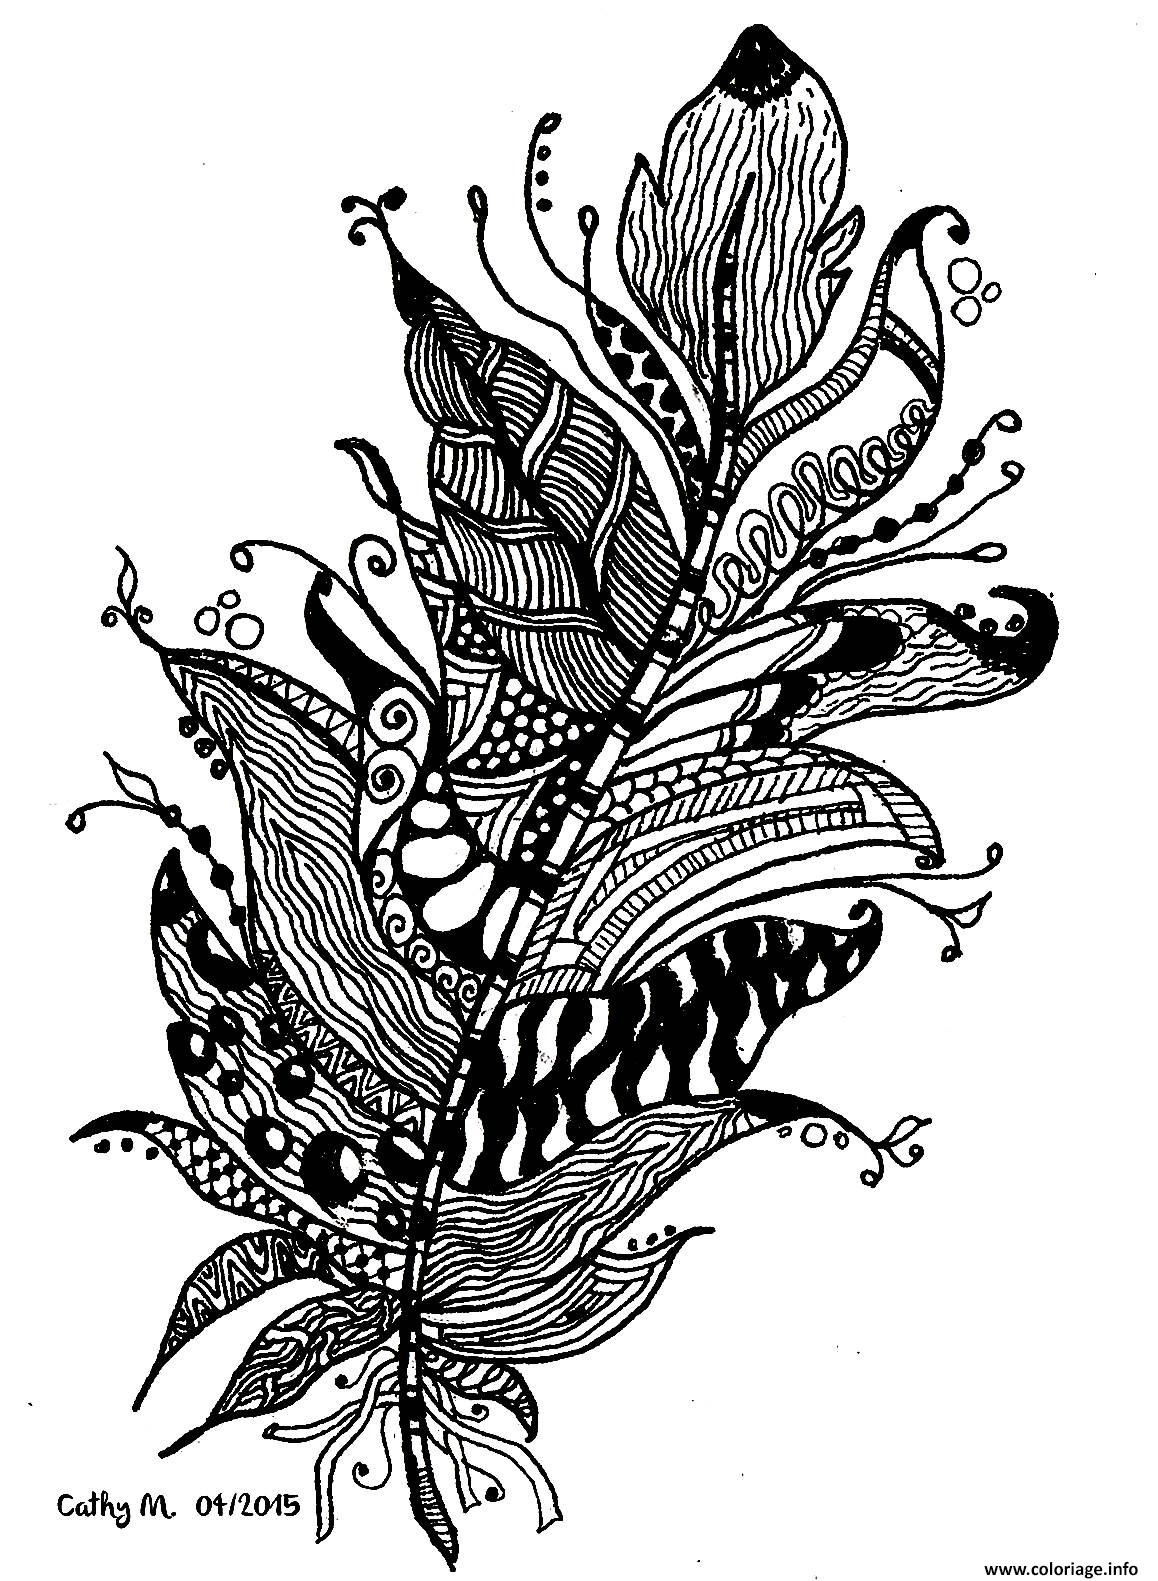 Dessin adulte zentangle by cathym 11 Coloriage Gratuit à Imprimer